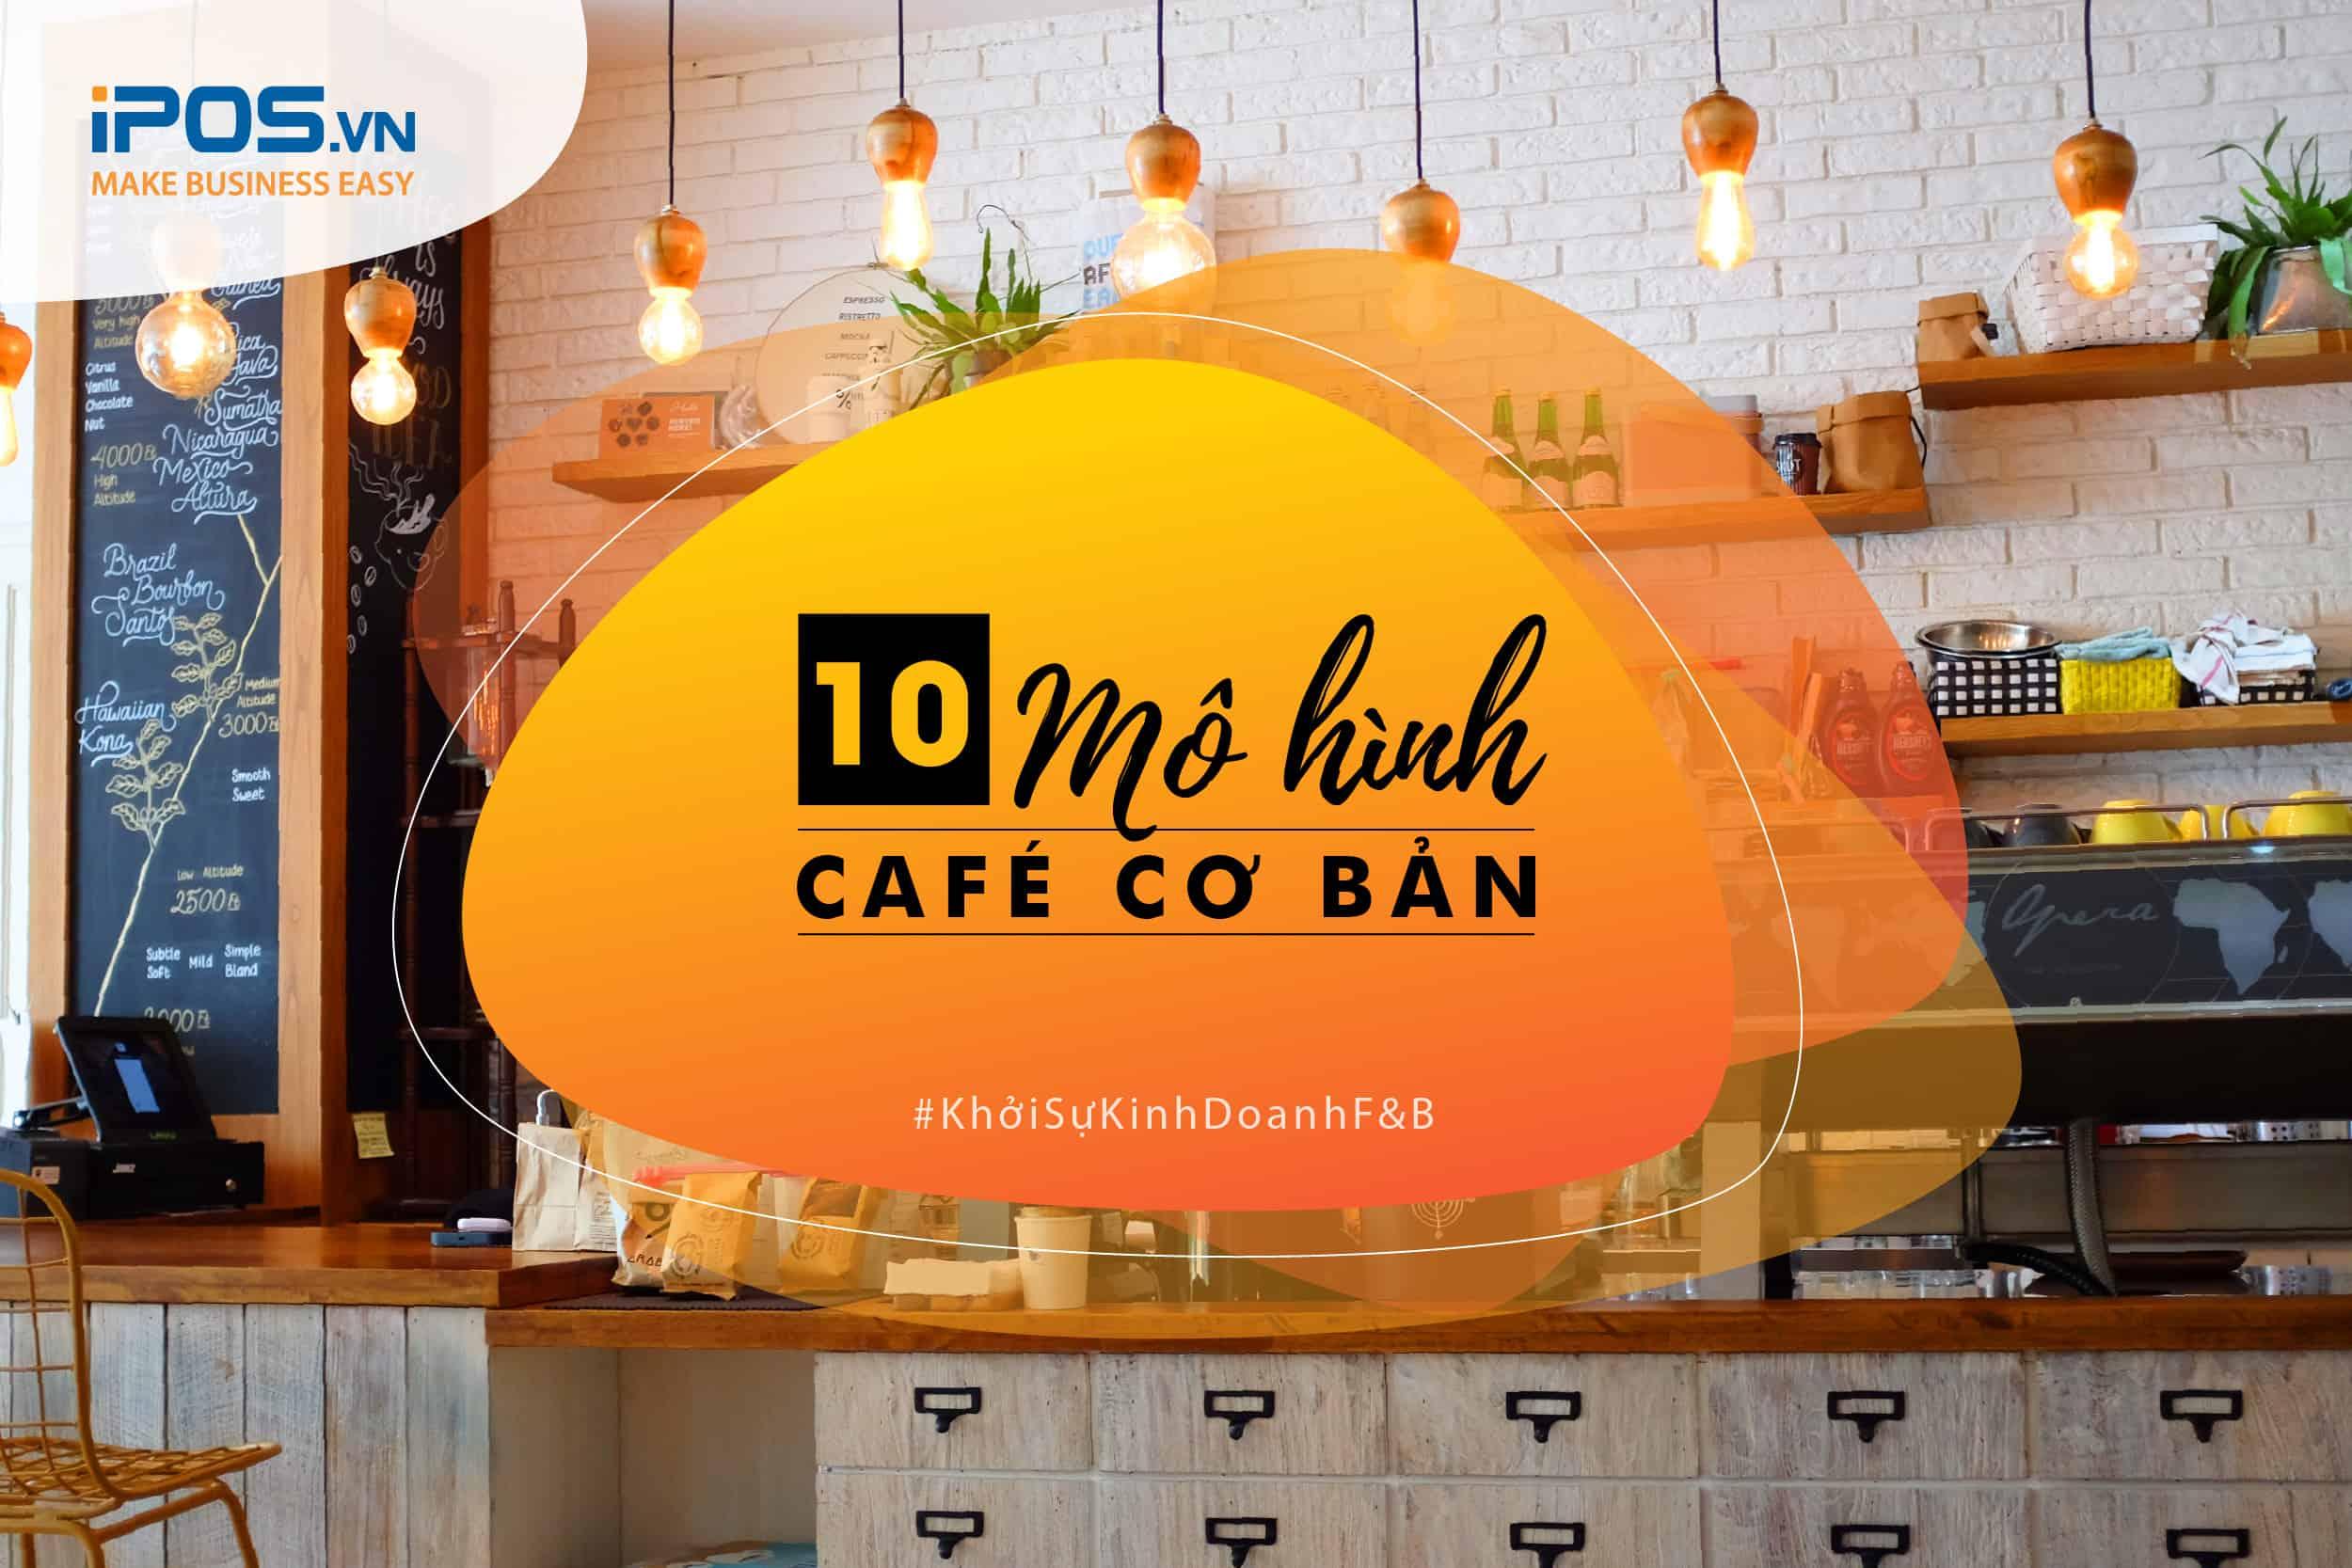 Tổng hợp 10 mô hình quán cafe cơ bản và phổ biến nhất 1